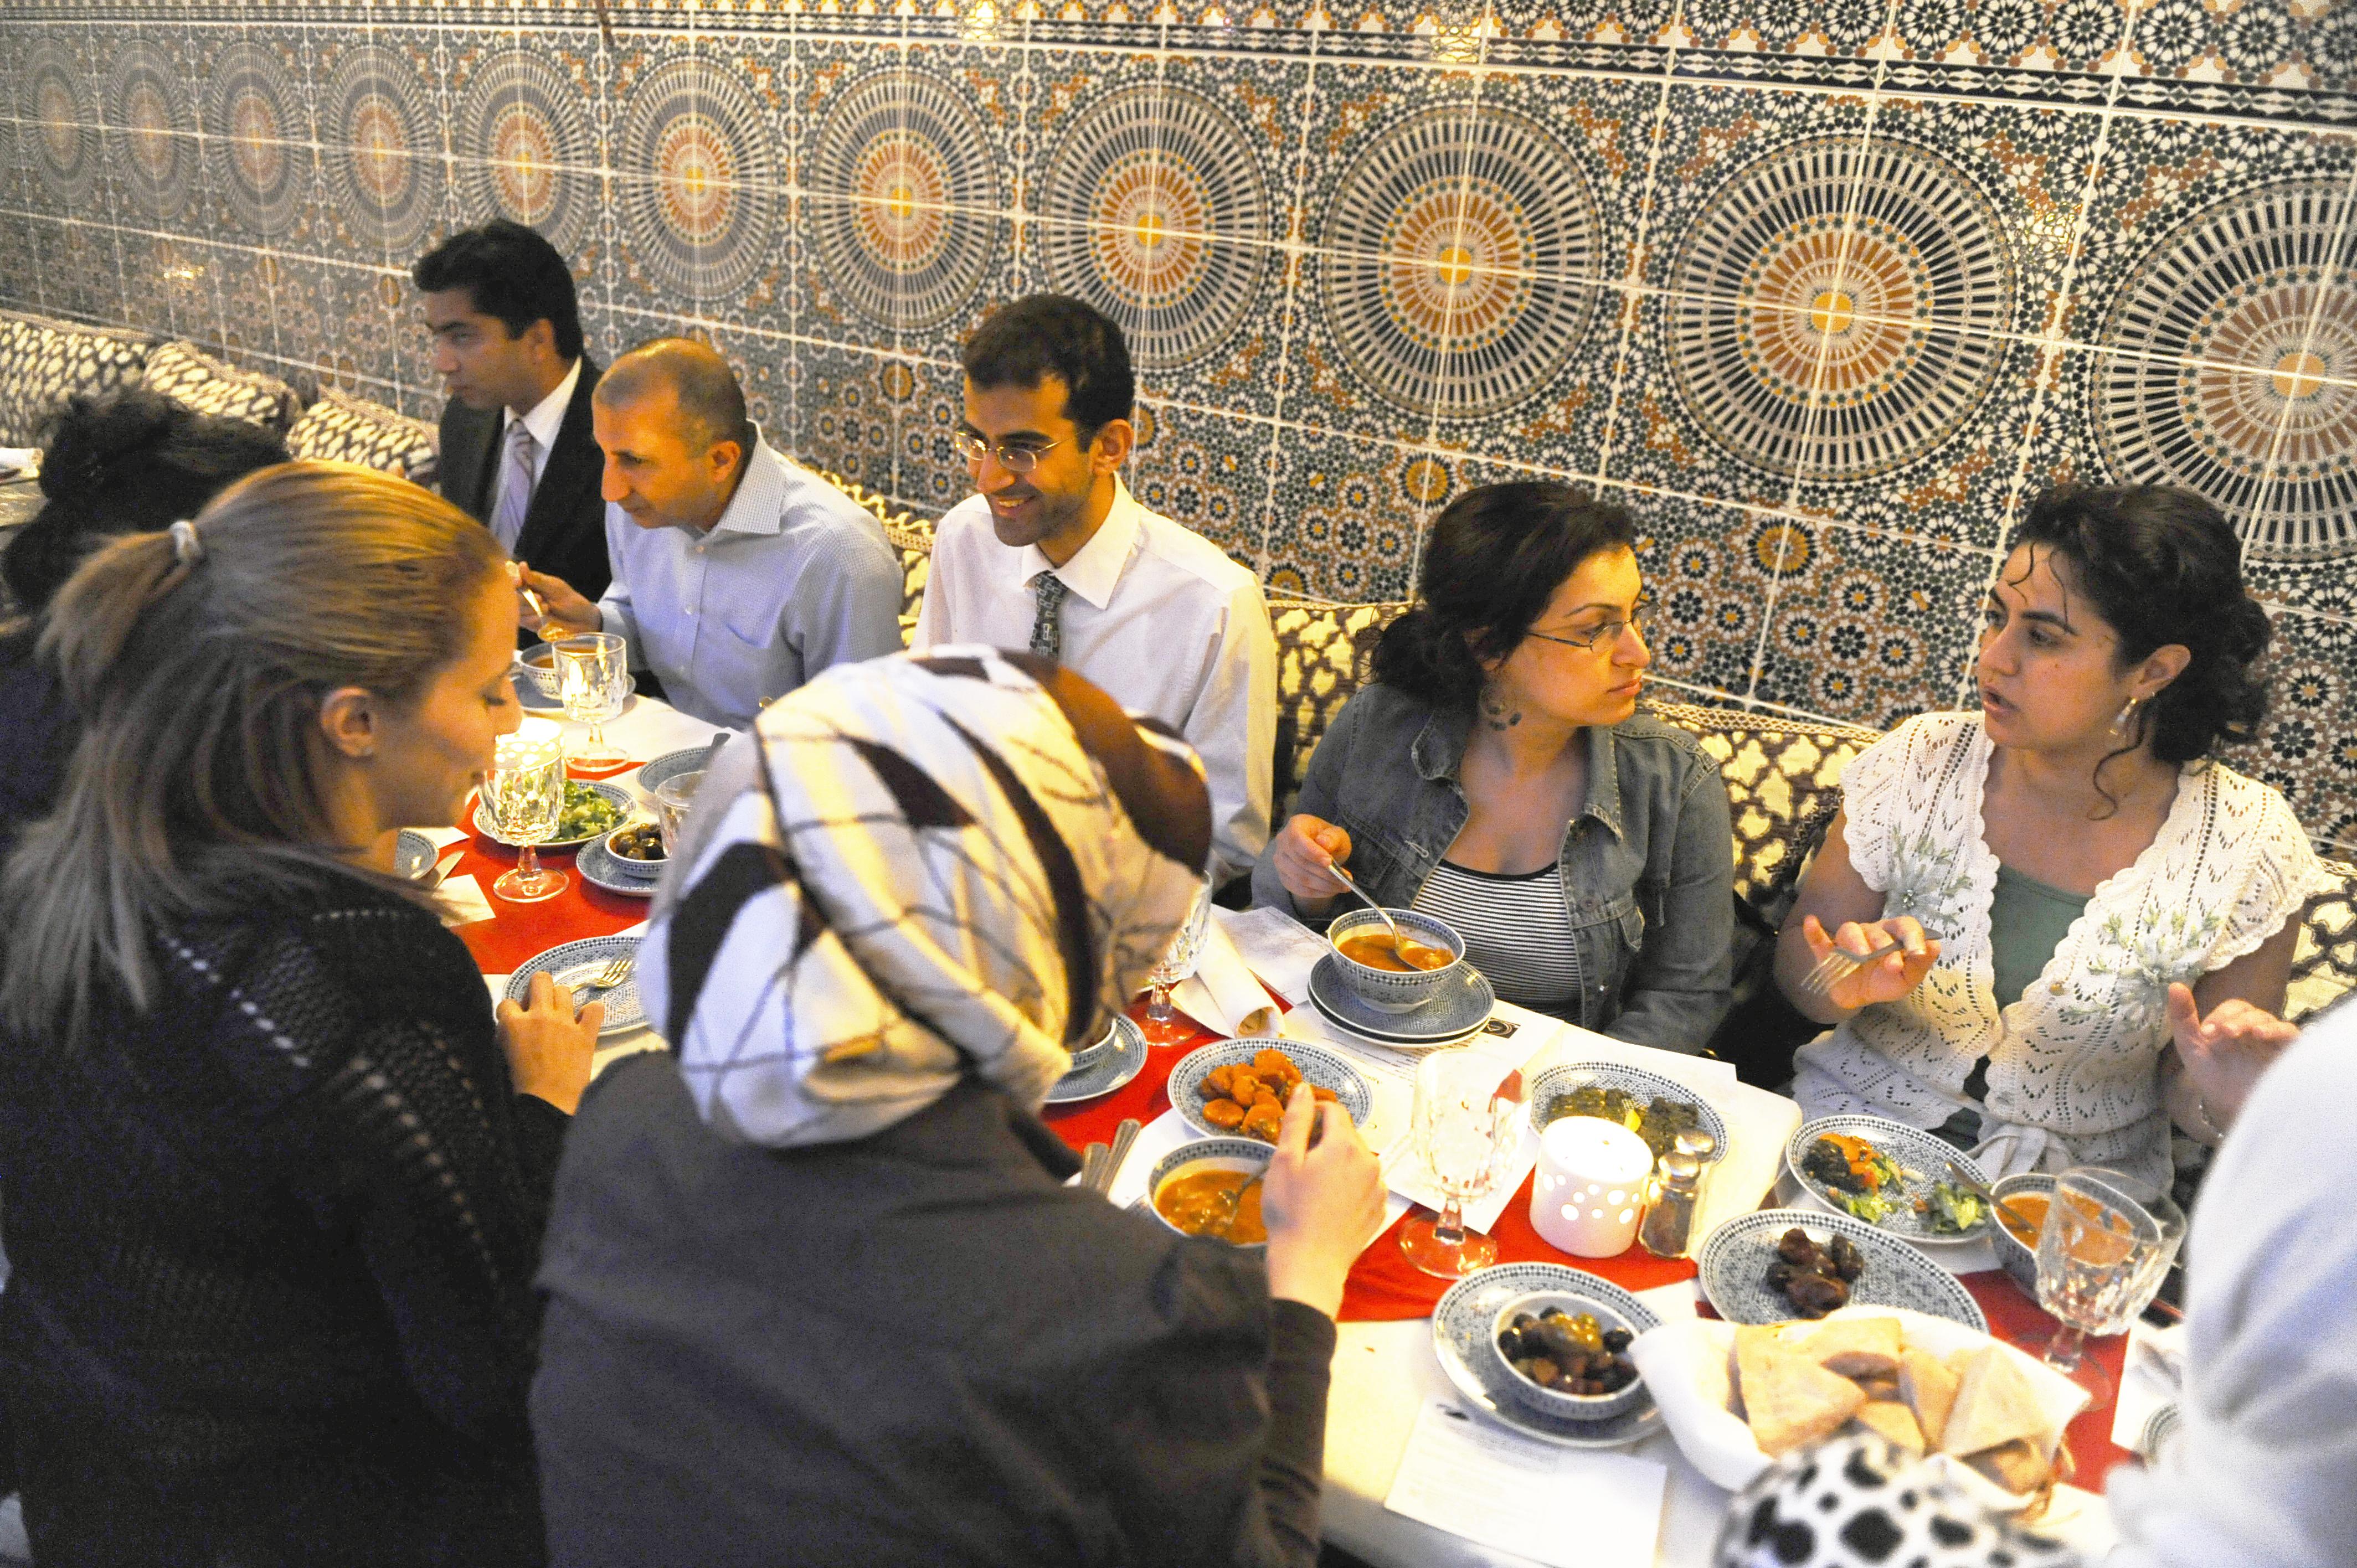 Grupo de adultos em uma longa mesa de jantar de um restaurante, com parede azulejada ao fundo (© Getty Images)